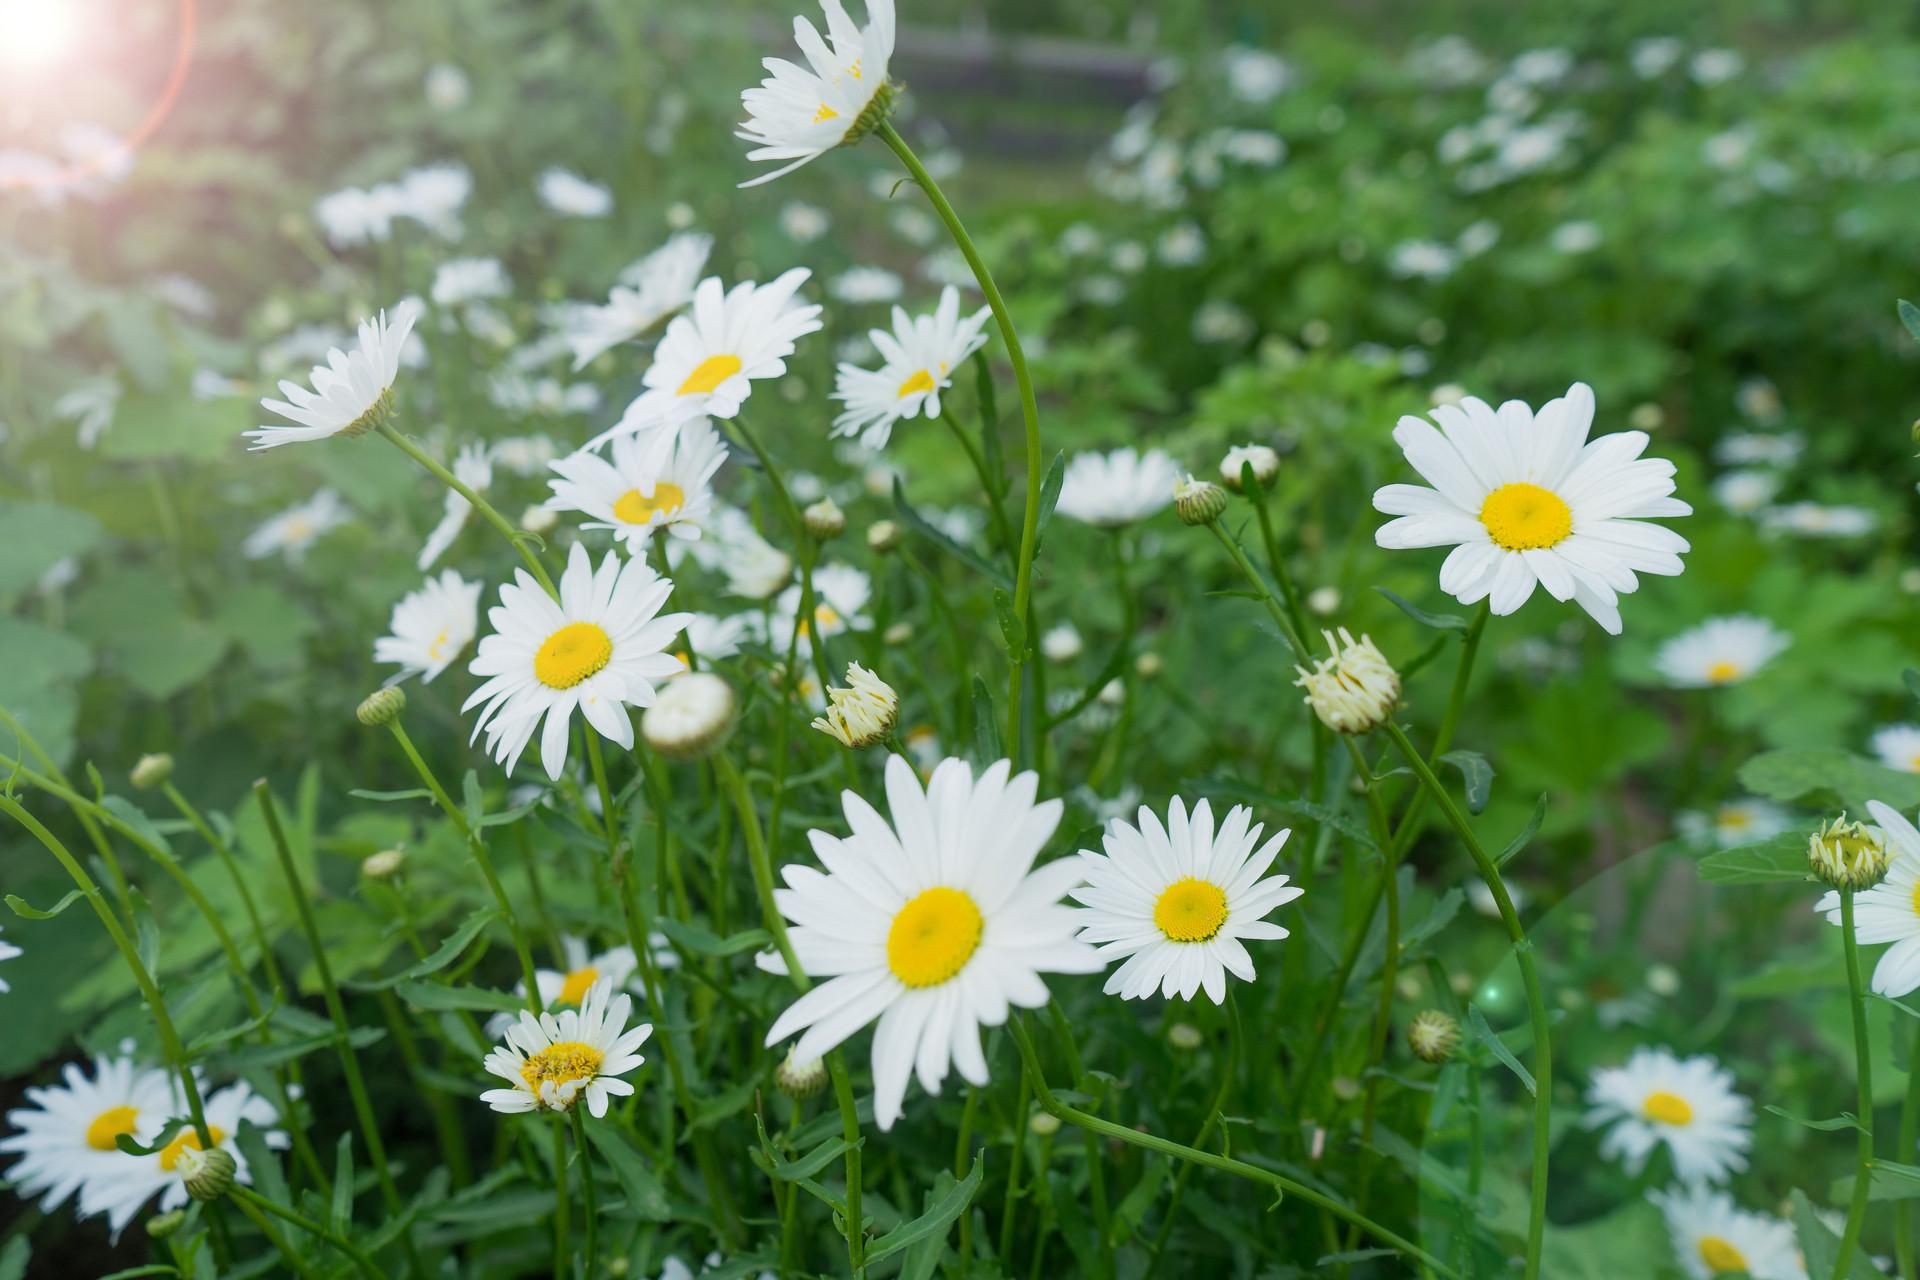 摄图网_501294306_banner_阳光下的花卉(企业商用).jpg